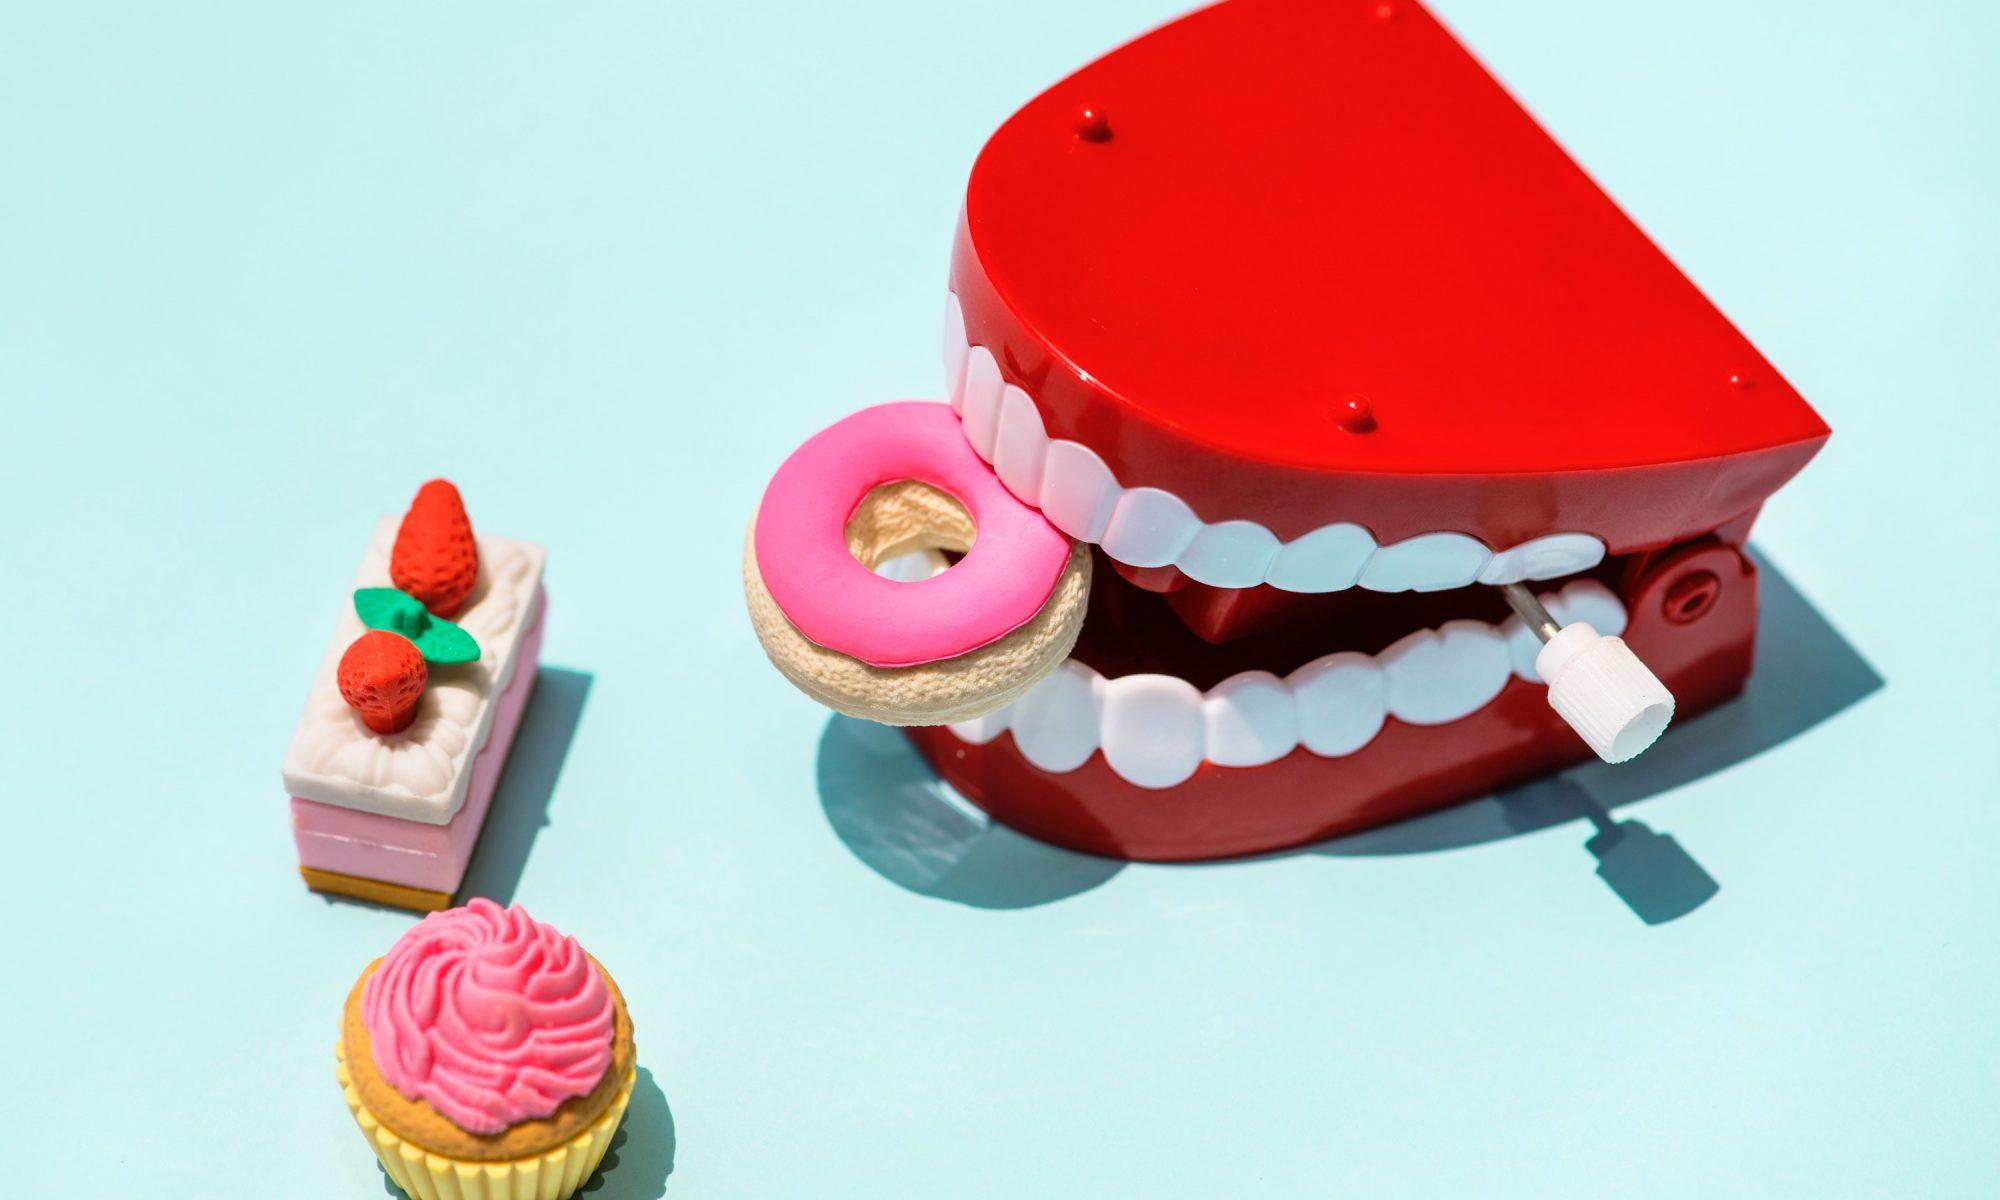 Find en dygtig tandlæge i dit nærområde